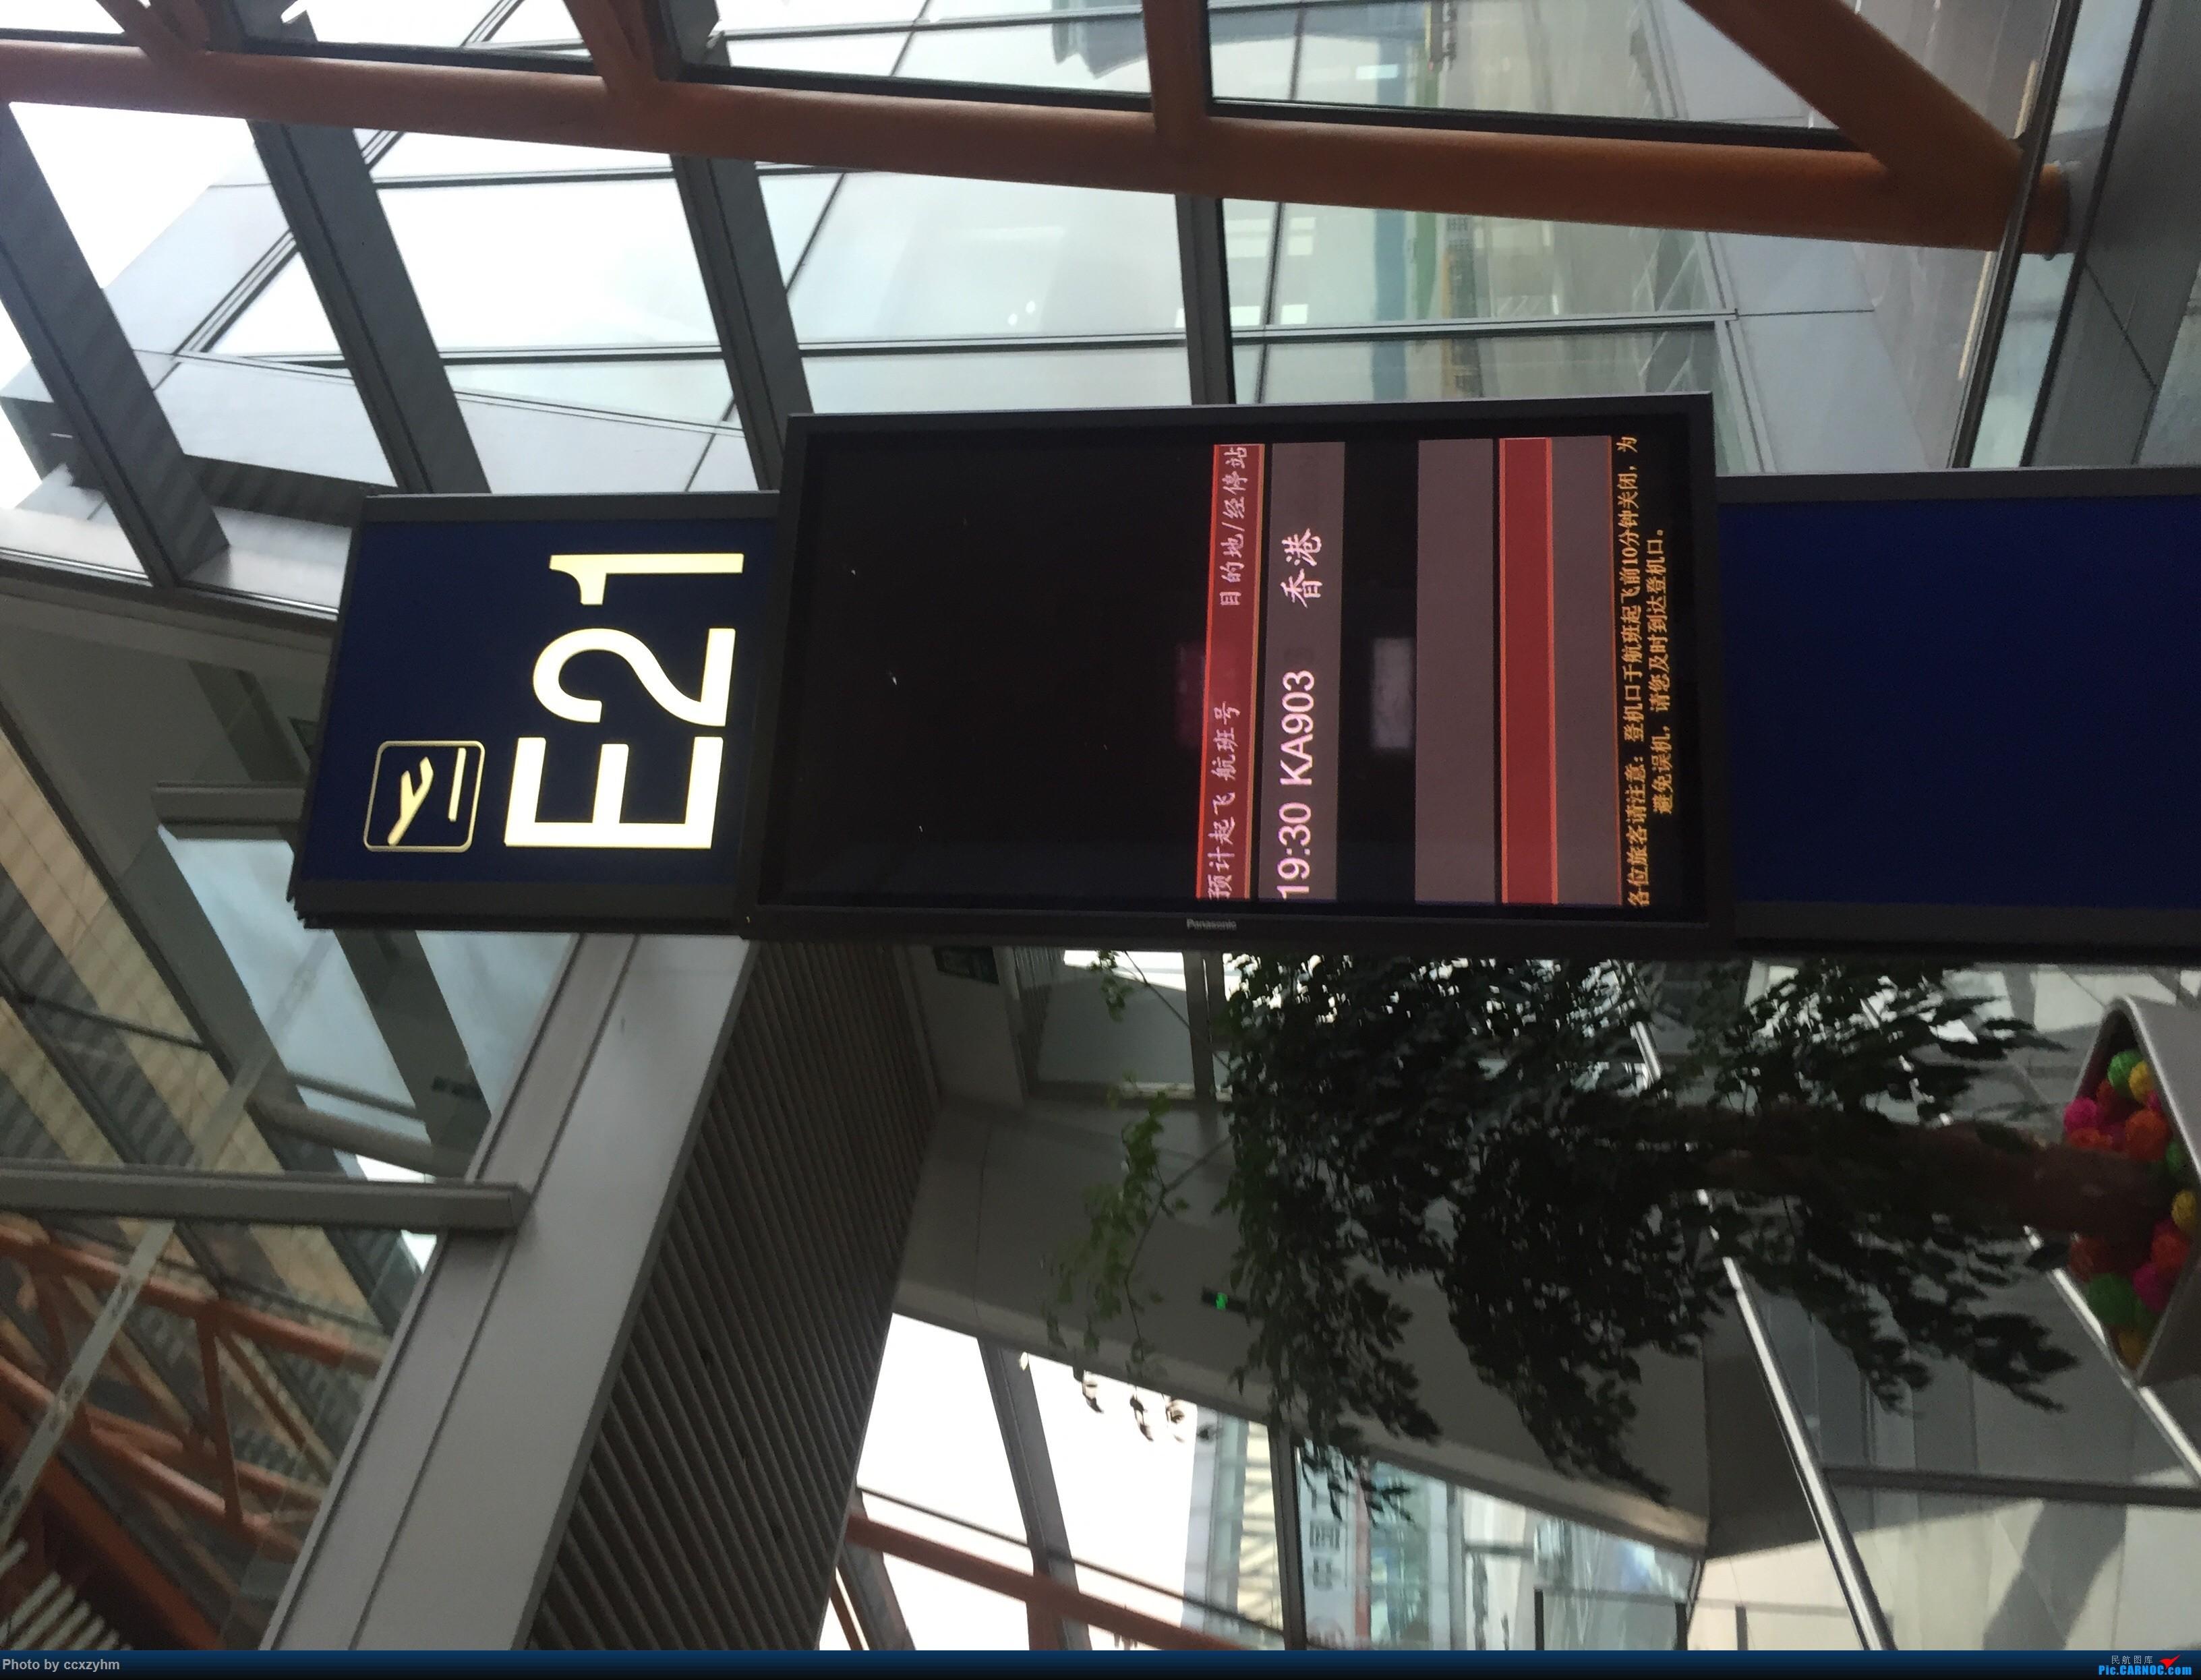 Re:[原创]PEK-HKG-SIN 港龙+国泰 KA+CX 暑假游坡县    中国北京首都国际机场